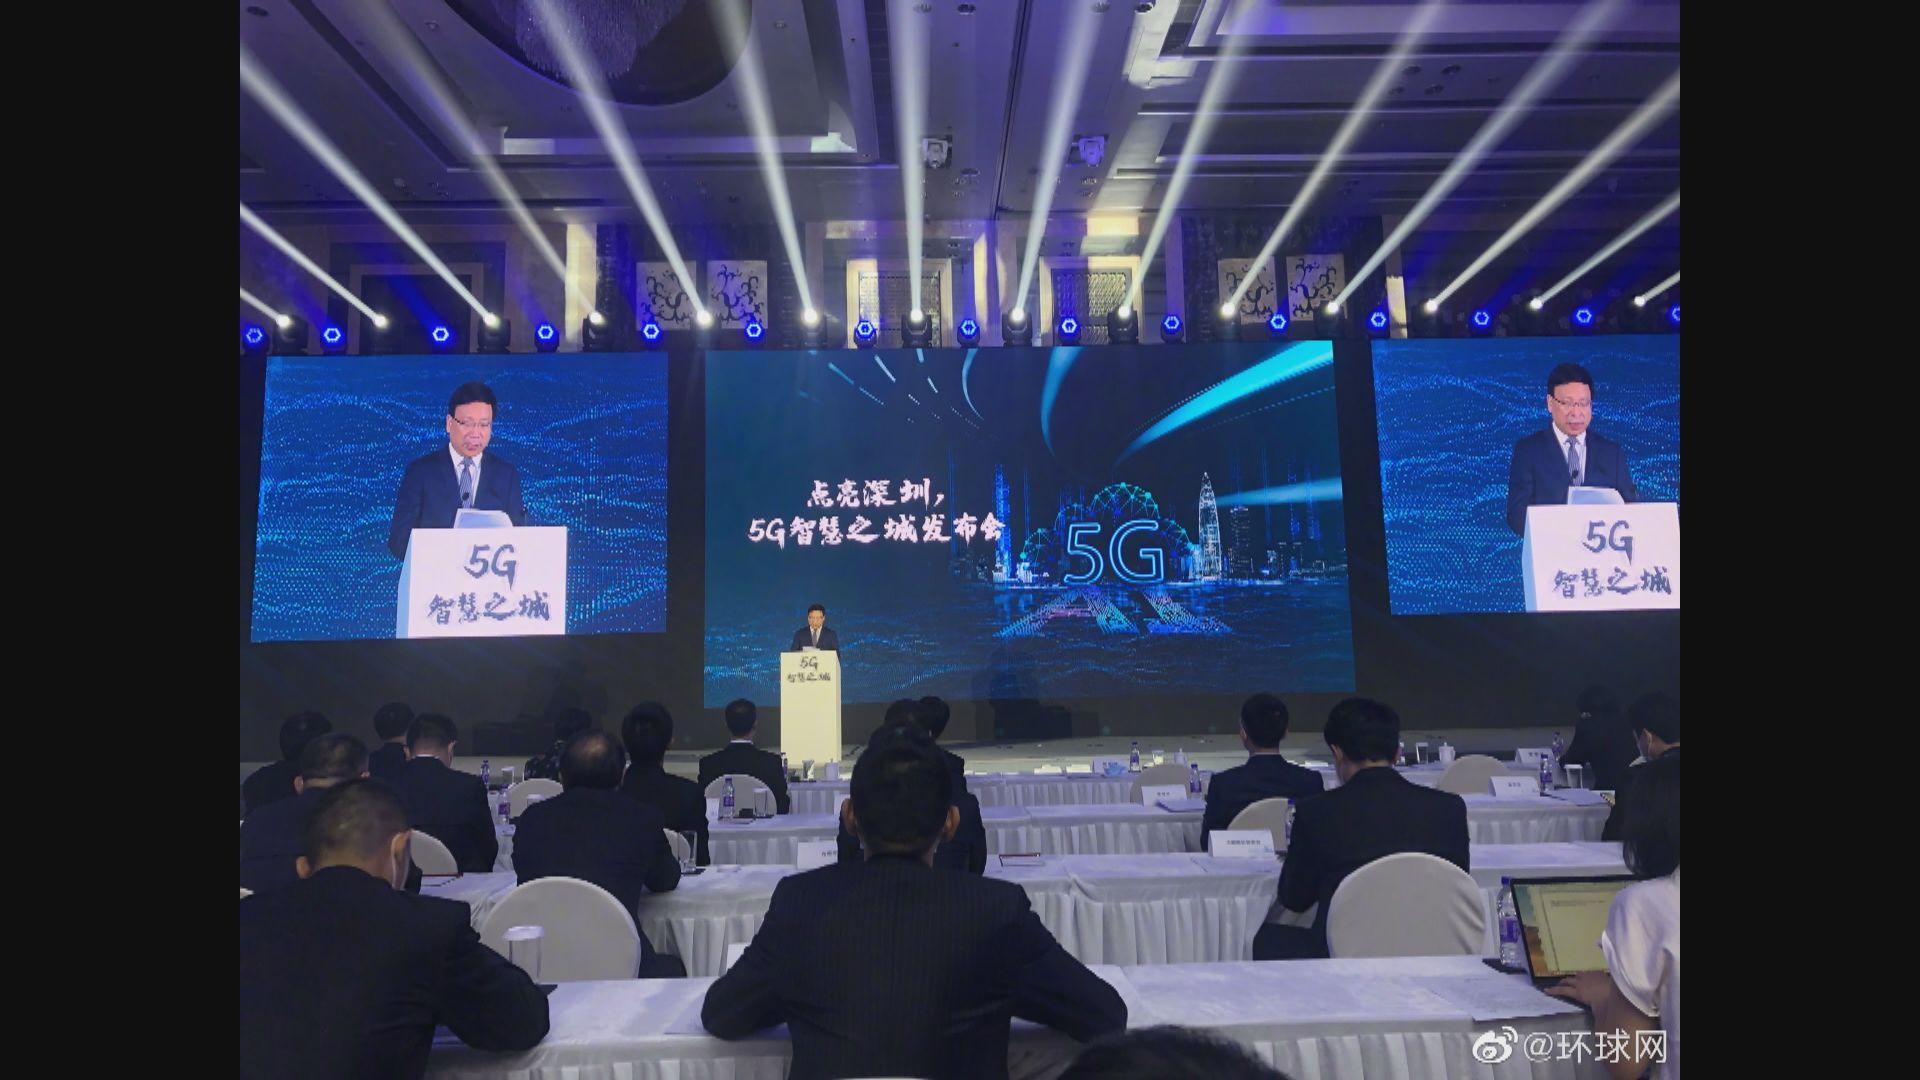 深圳成全球首個實現5G獨立組網全覆蓋城市